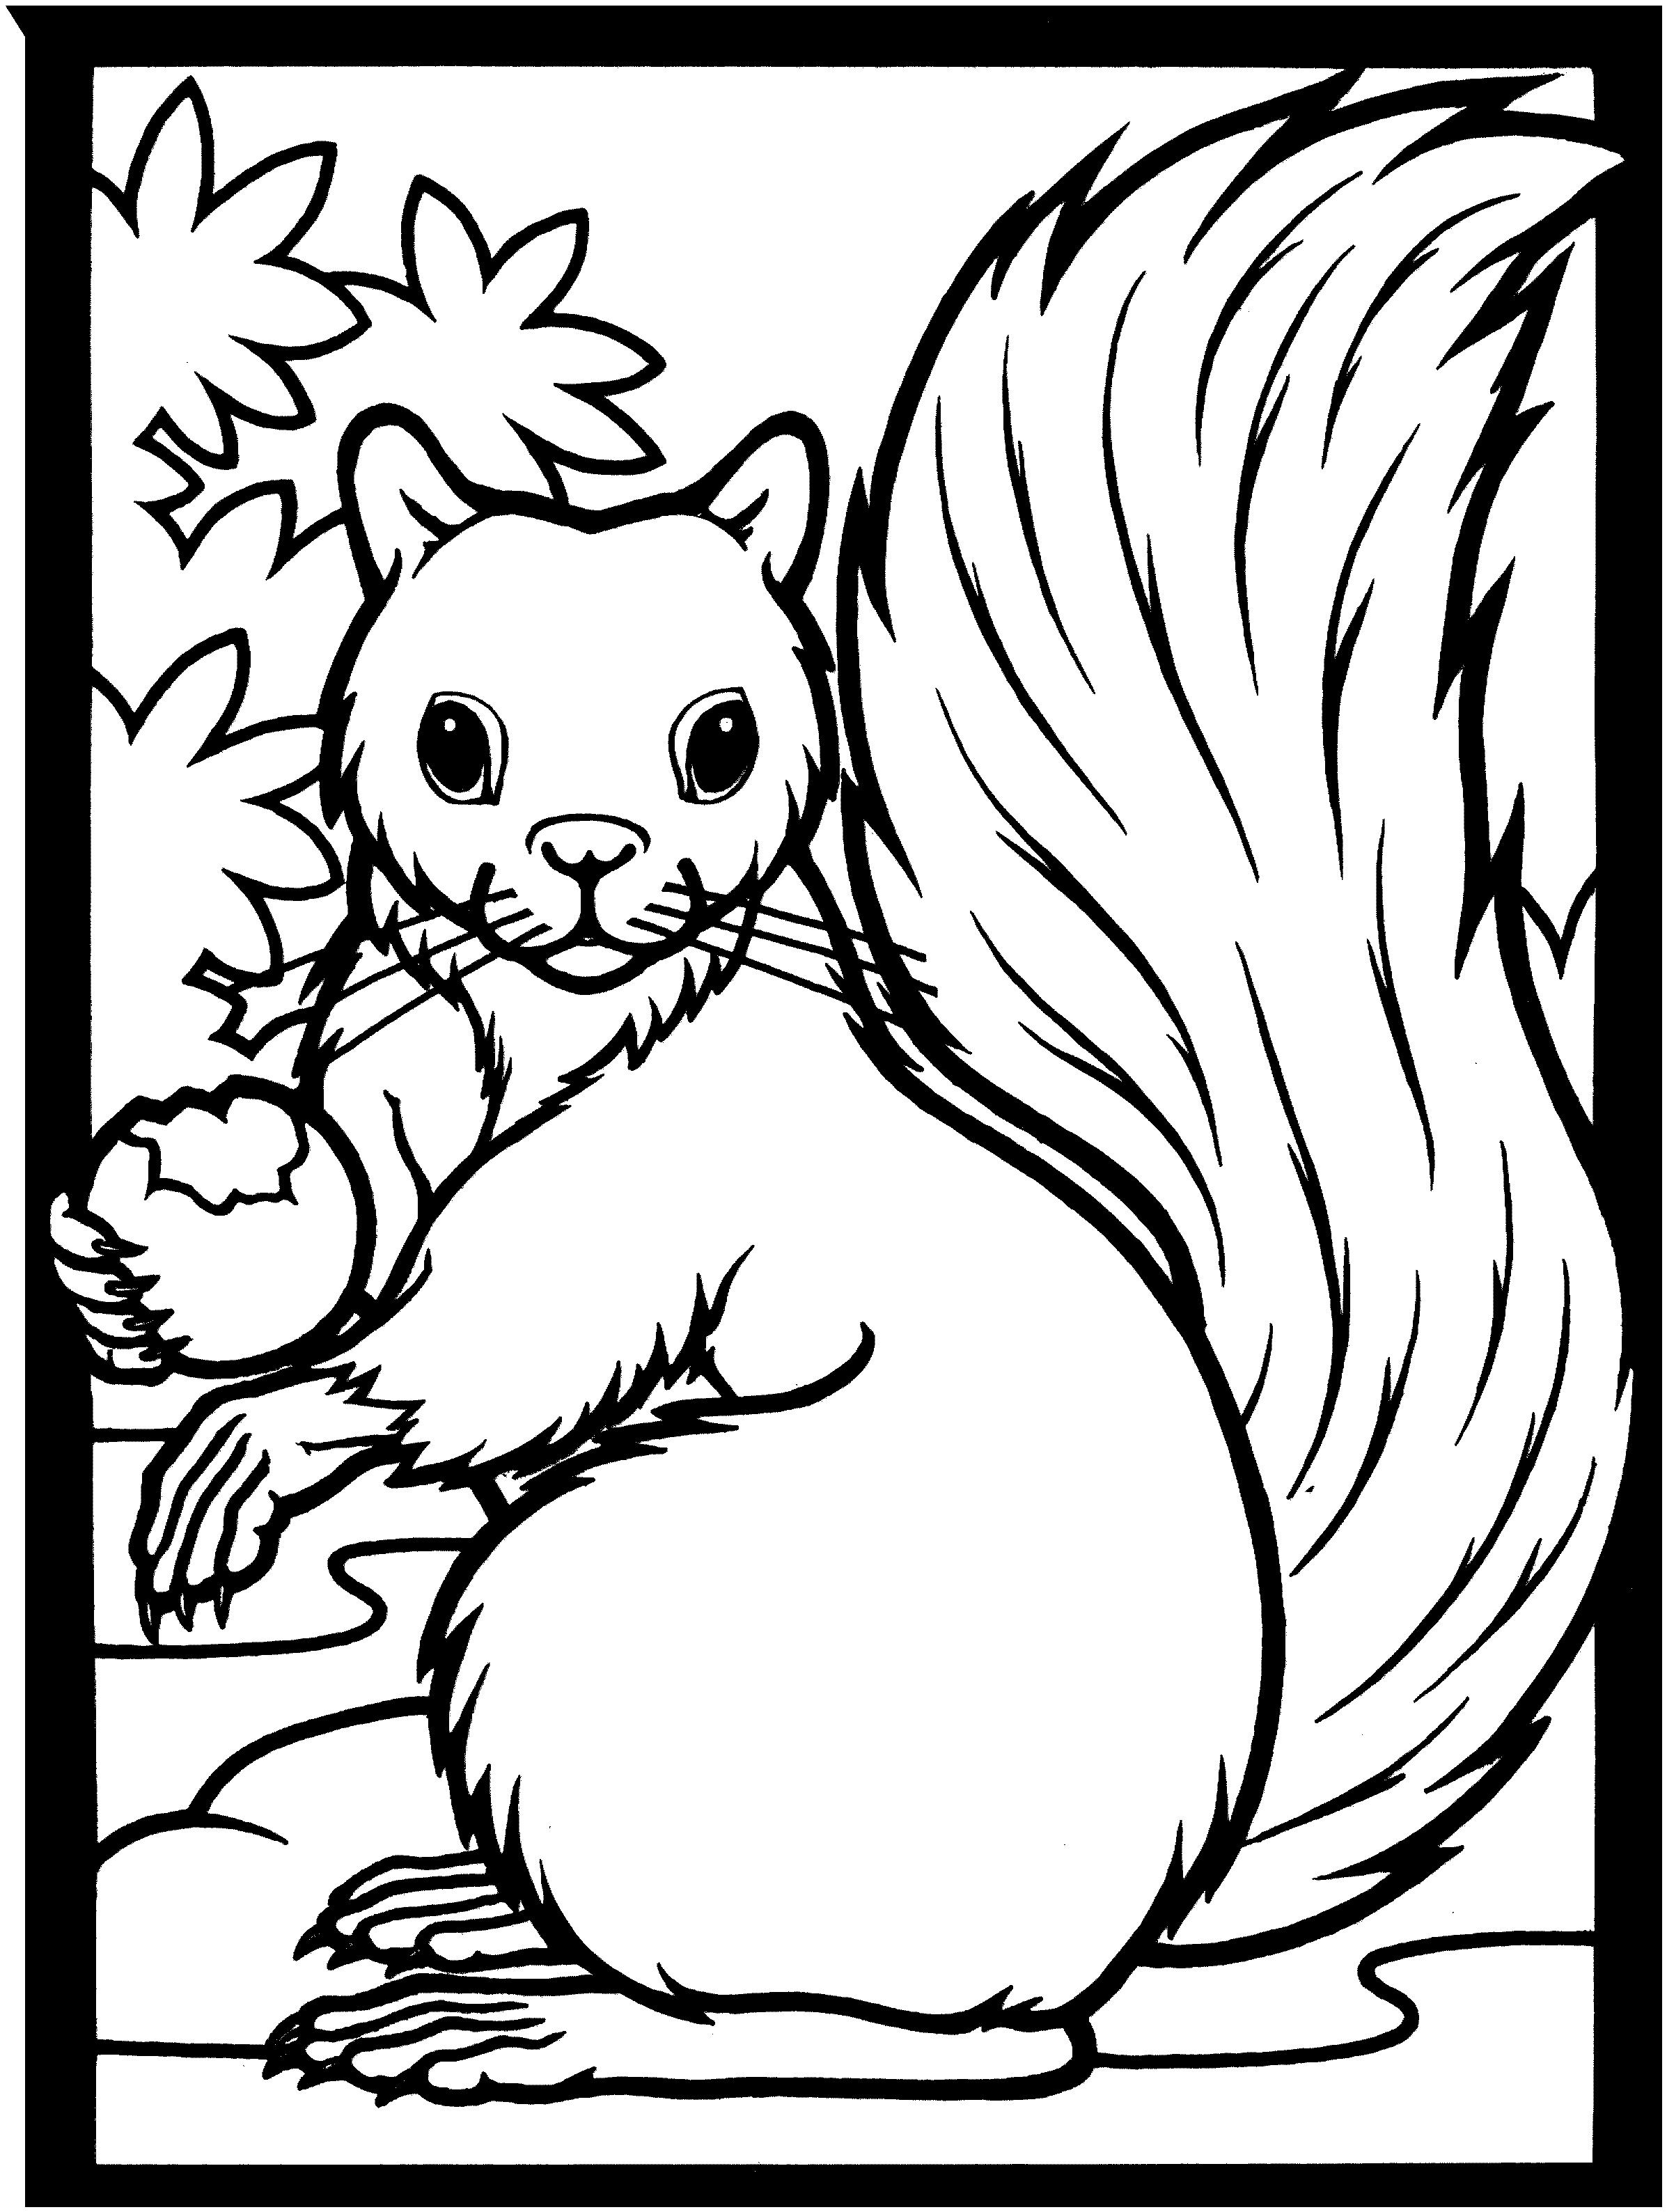 2394x3177 Unique Squirrel Coloring Page Design Printable Coloring Sheet